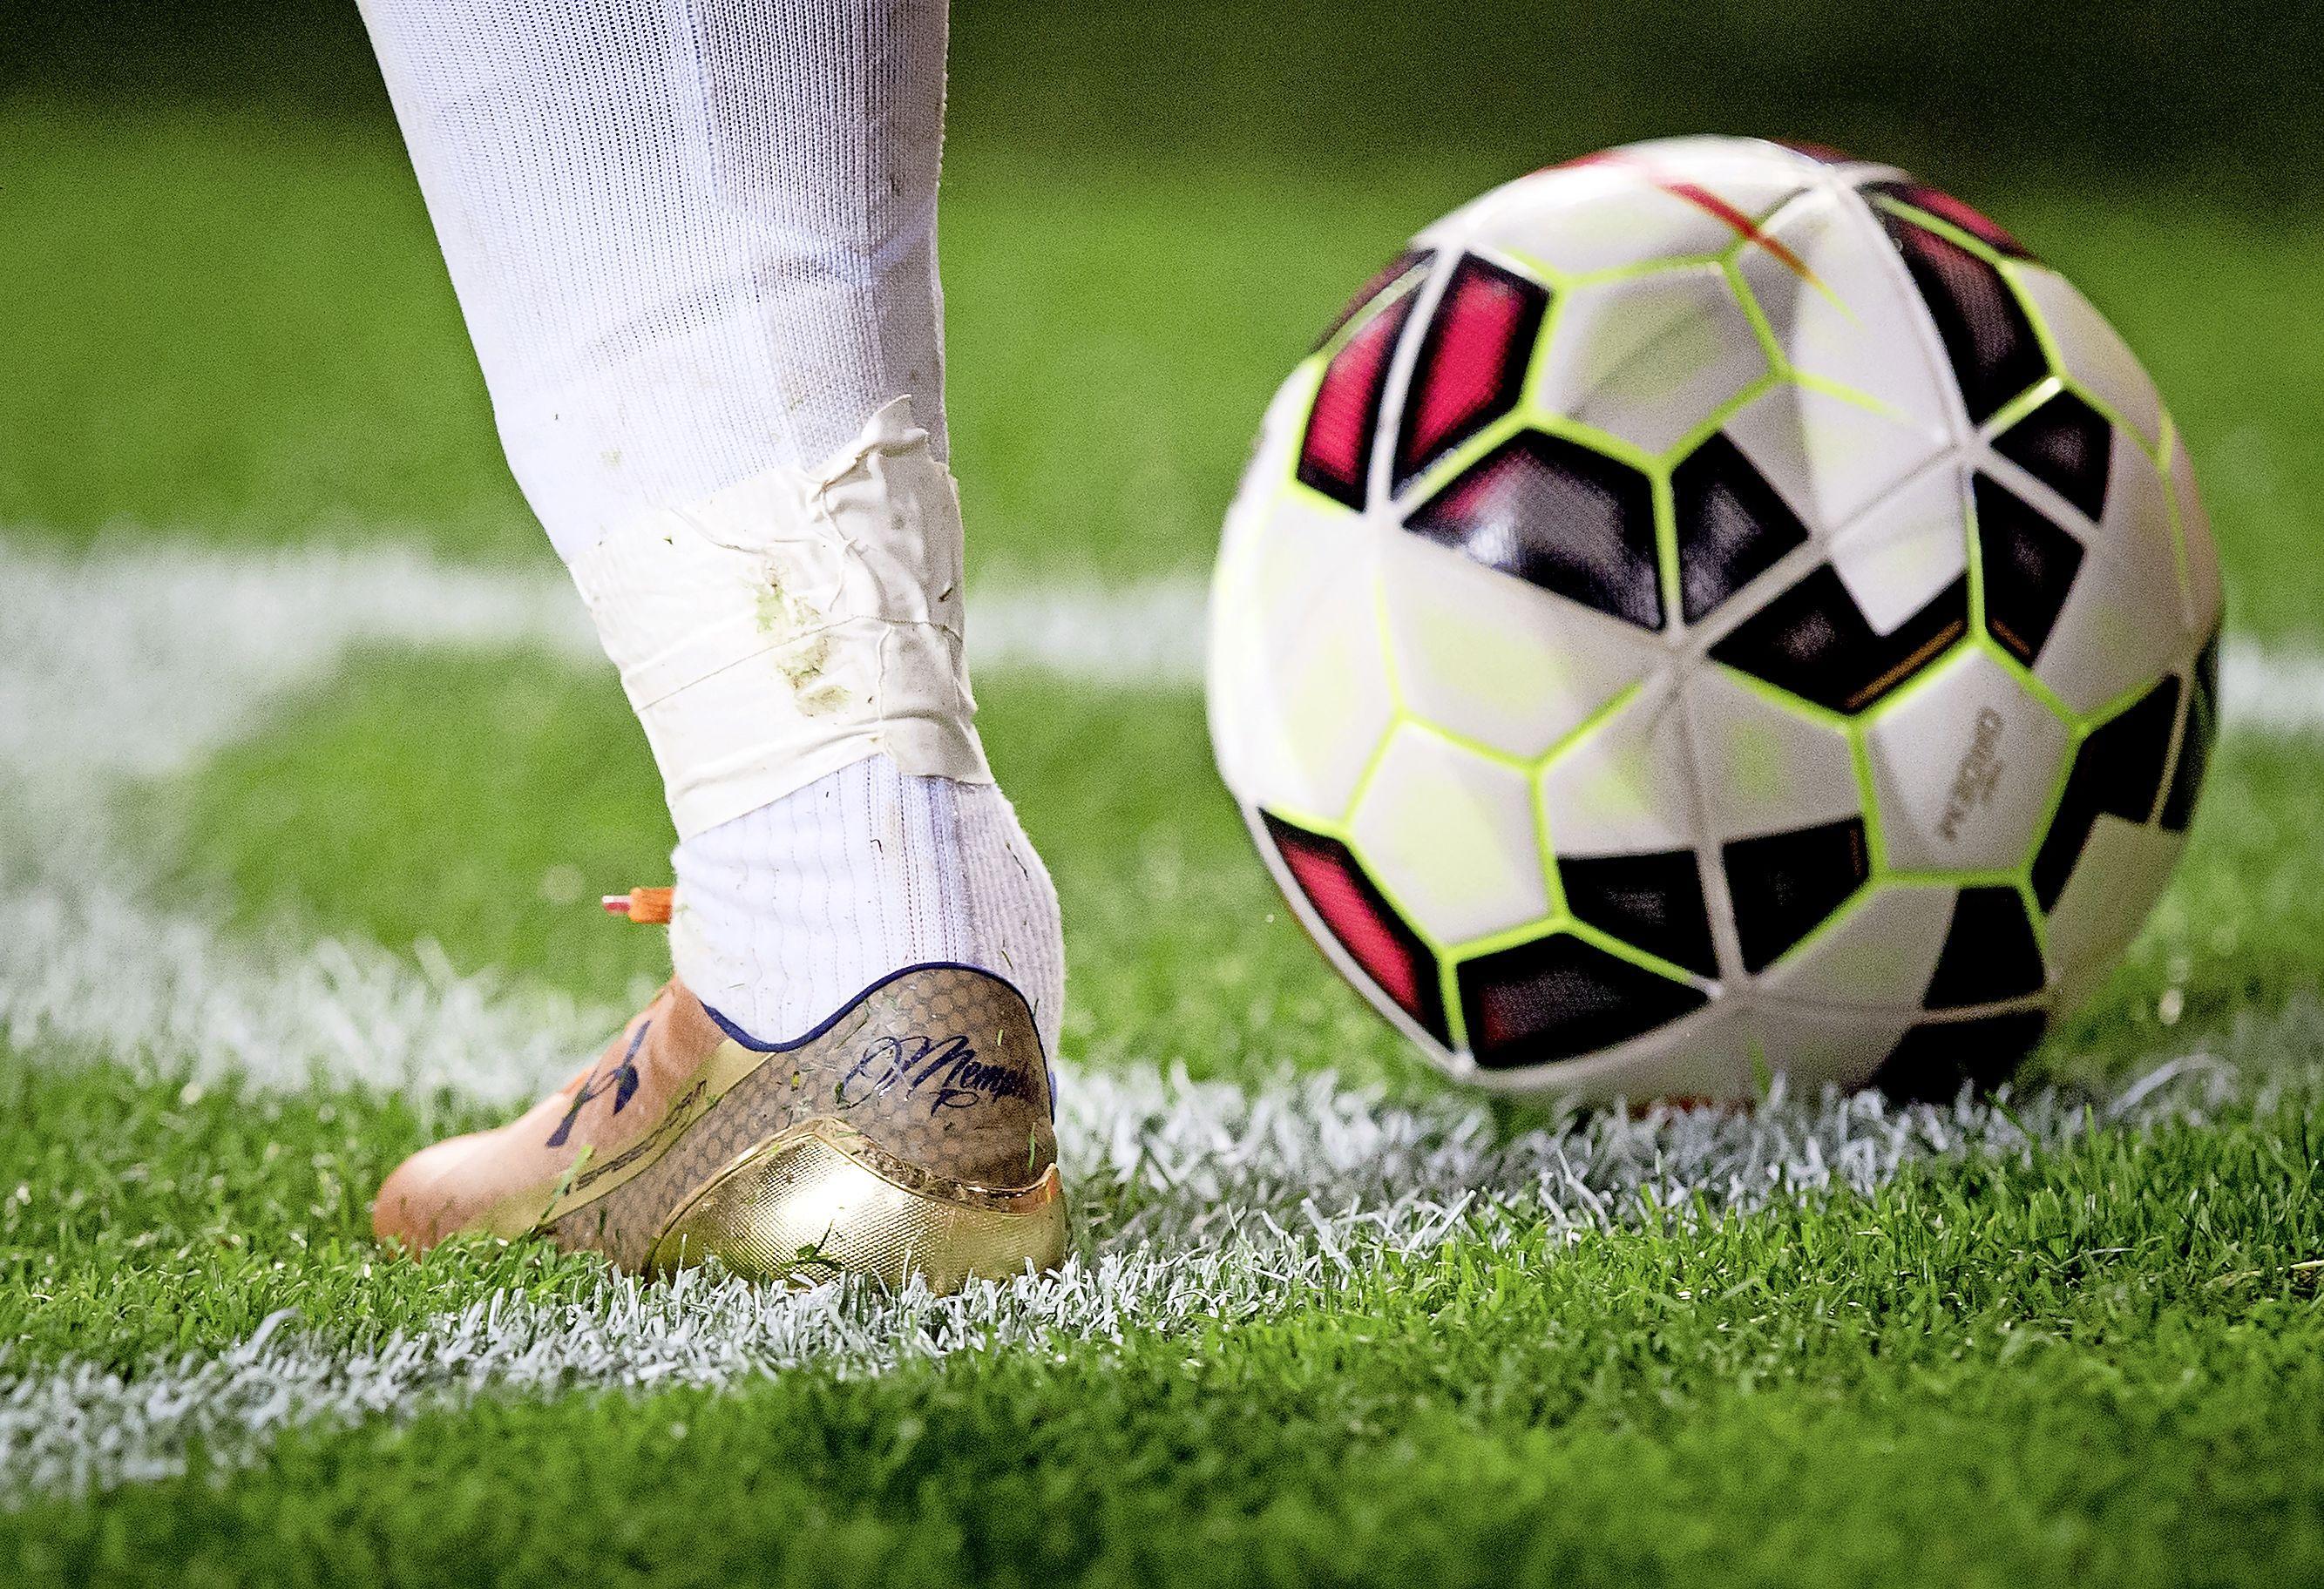 Amateurvoetballers beginnen seizoen weer met bekerwedstrijden. Het complete programma van de groepsfase